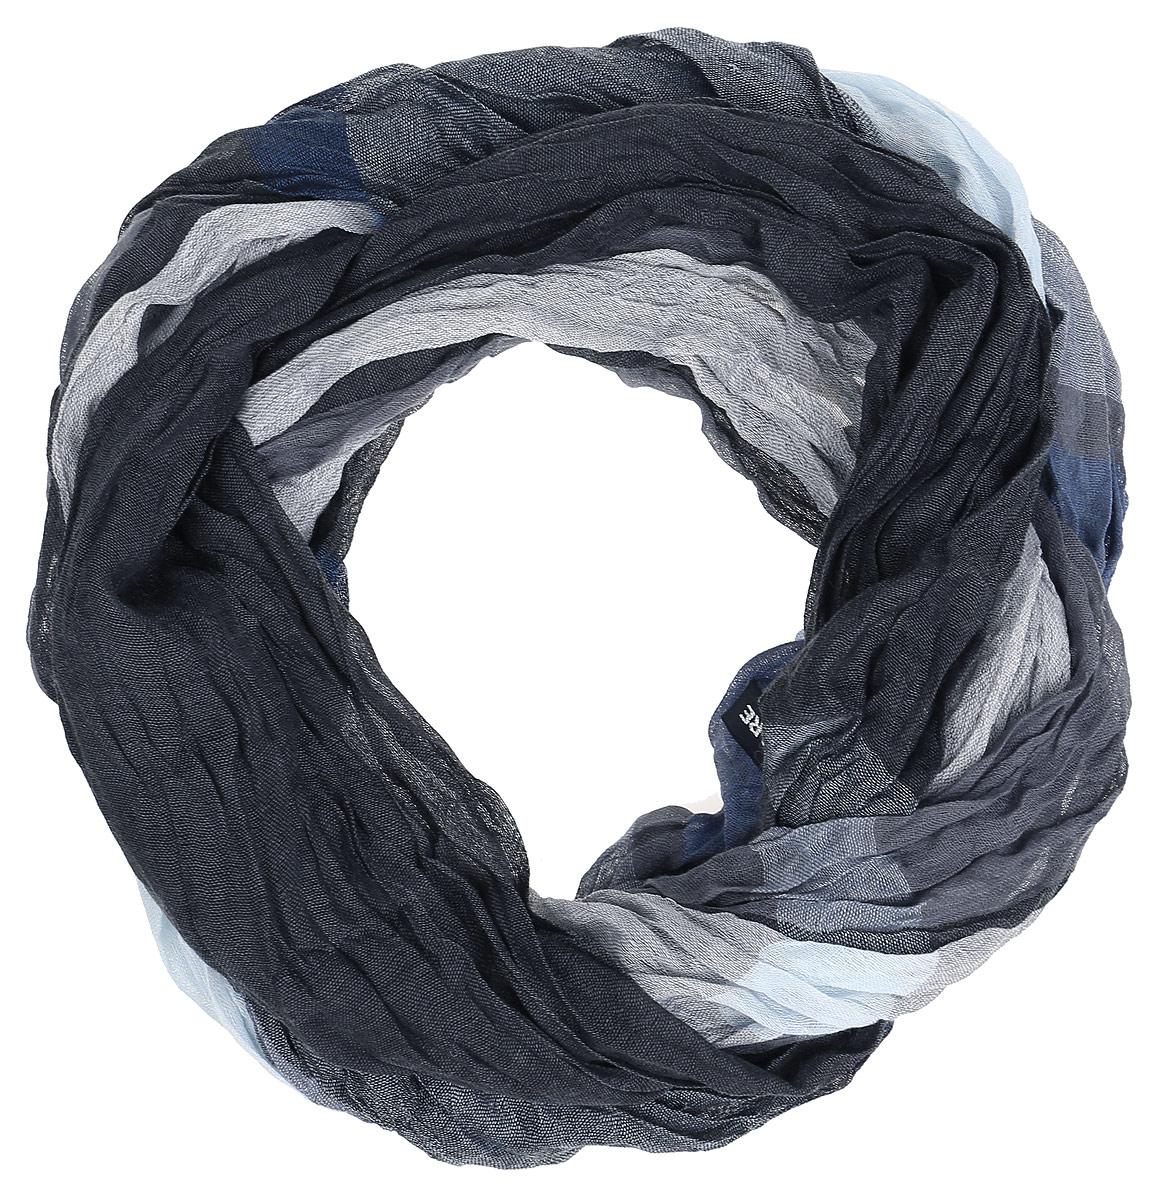 A16-21400_202Элегантный мужской шарф Finn Flare согреет вас в холодное время года, а также станет изысканным аксессуаром, который призван подчеркнуть ваш стиль и индивидуальность. Оригинальный теплый шарф выполнен из натурального хлопка. Широкий шарф оформлен рисунком в крупную клетку и дополнен тонкой бахромой по краю. Такой шарф станет превосходным дополнением к любому наряду, защитит вас от ветра и холода и позволит вам создать свой неповторимый стиль.